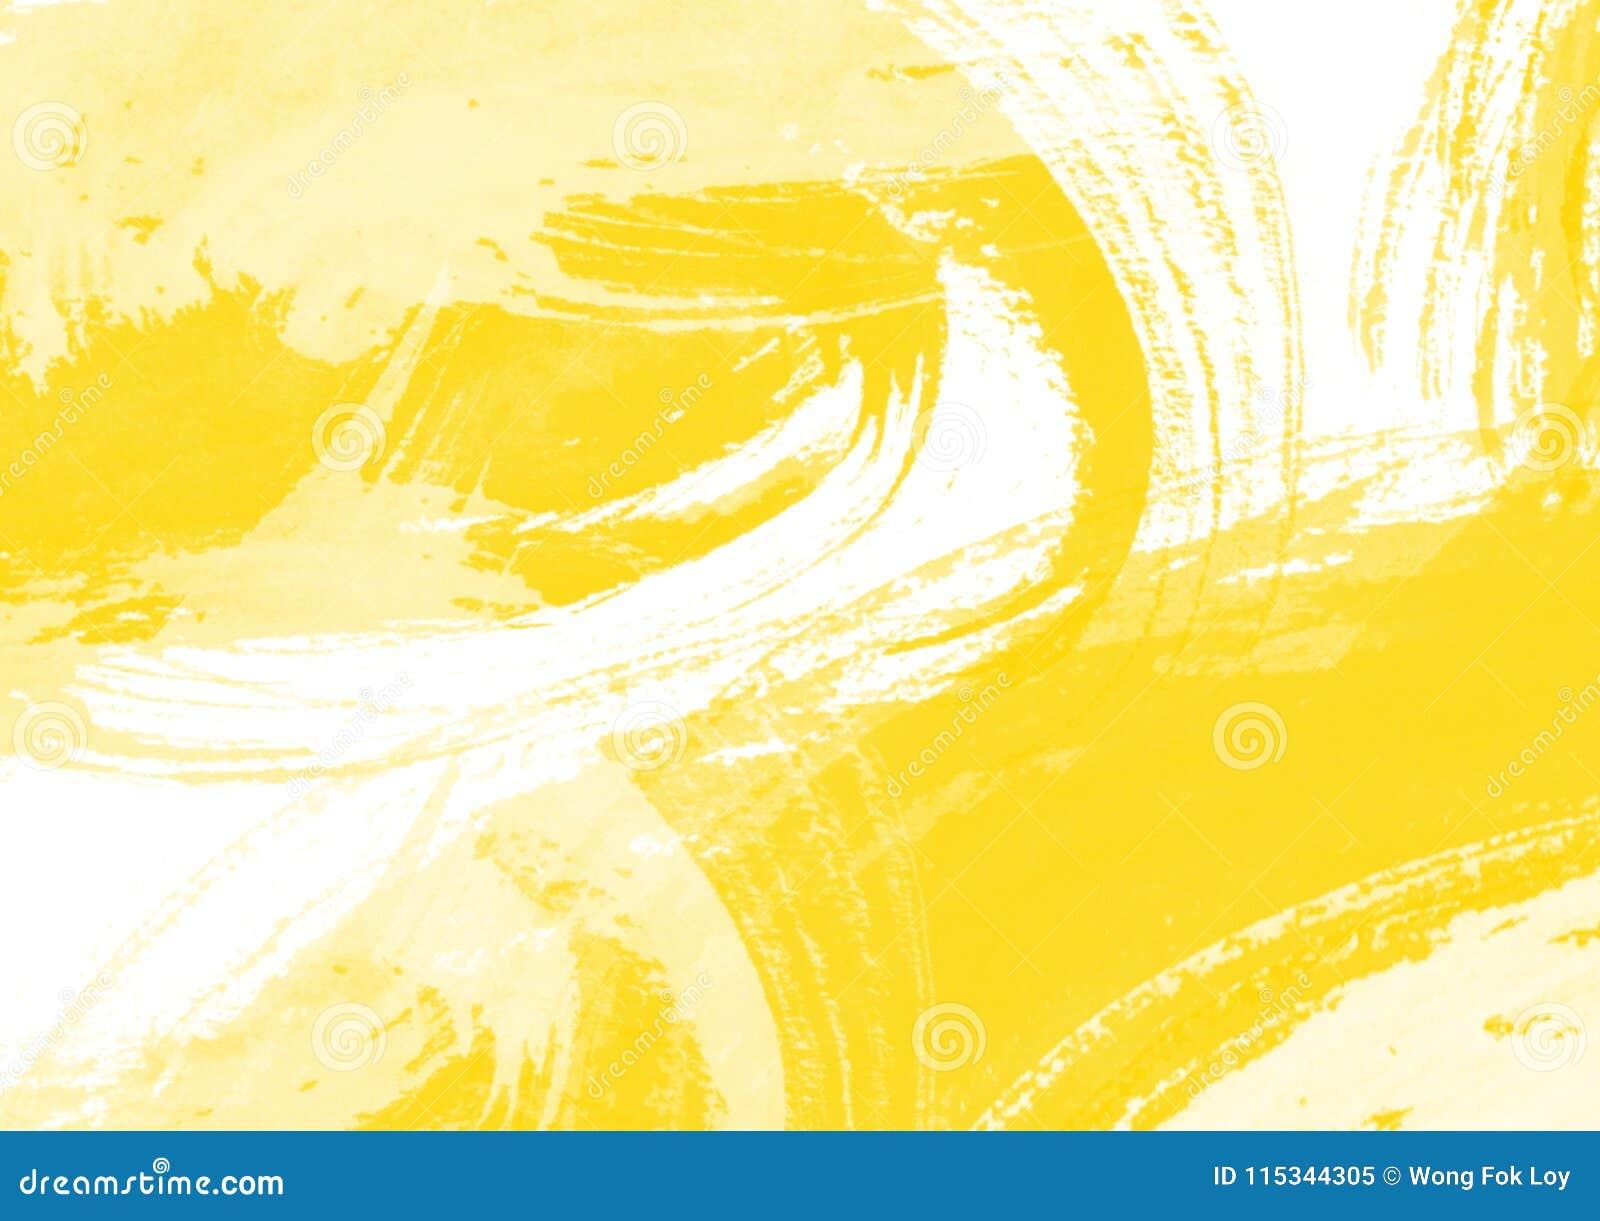 Το χρώμα επιδιορθώνει το γραφικό στοιχείο επίδρασης σχεδίου κτυπημάτων βουρτσών για το υπόβαθρο